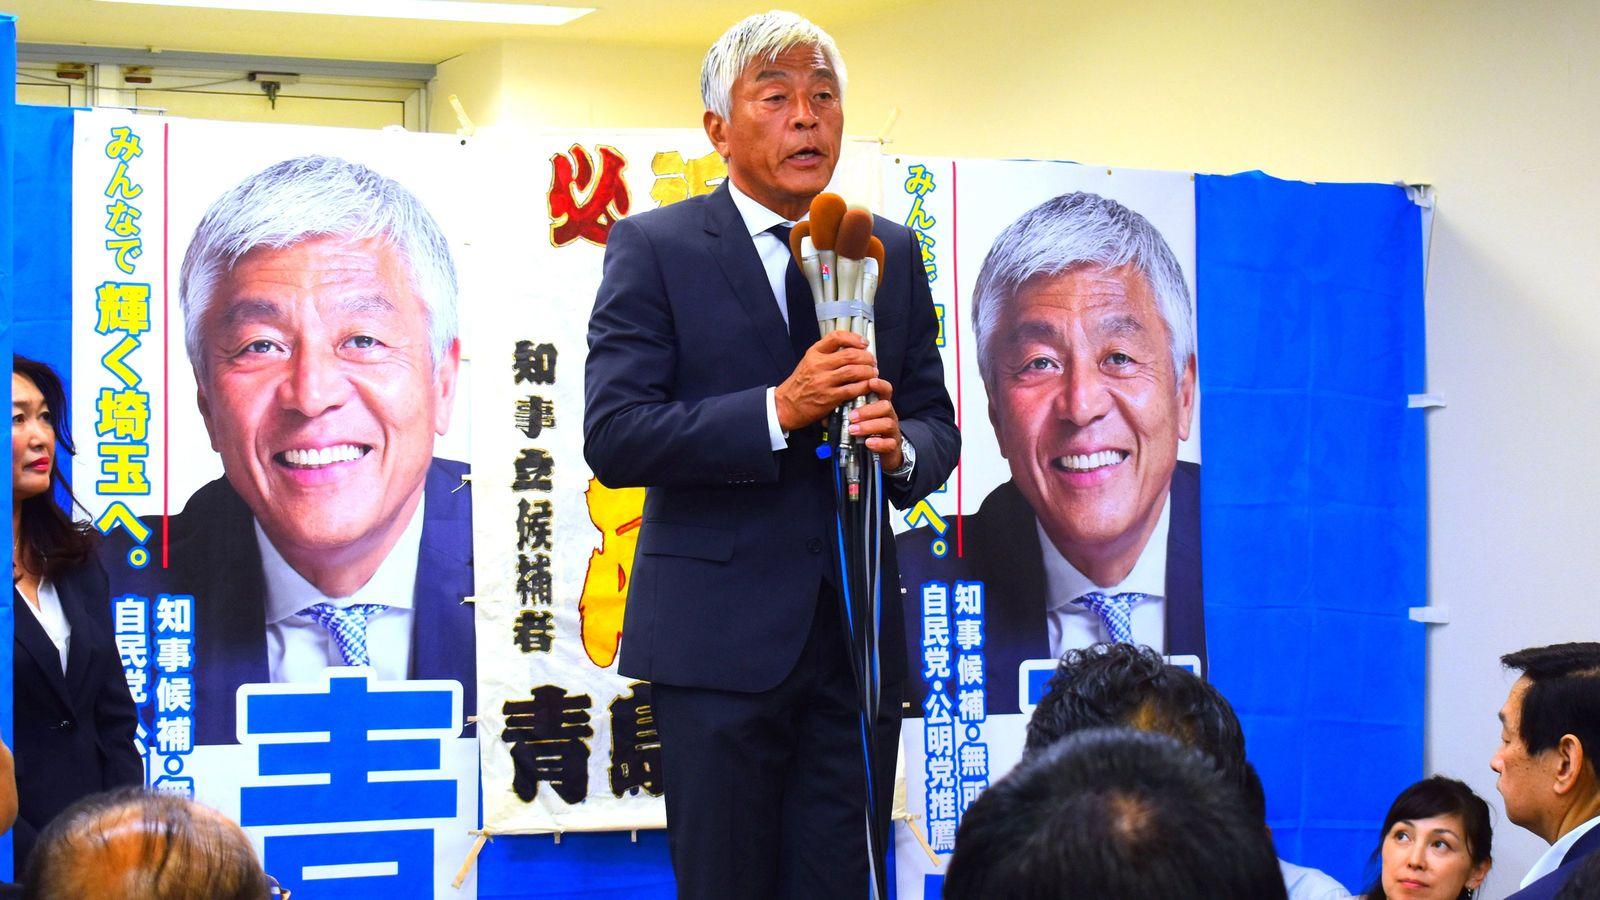 埼玉知事選の「番狂わせ」に悩む安倍1強の弱さ 衆院解散は「来夏の東京五輪後」が軸